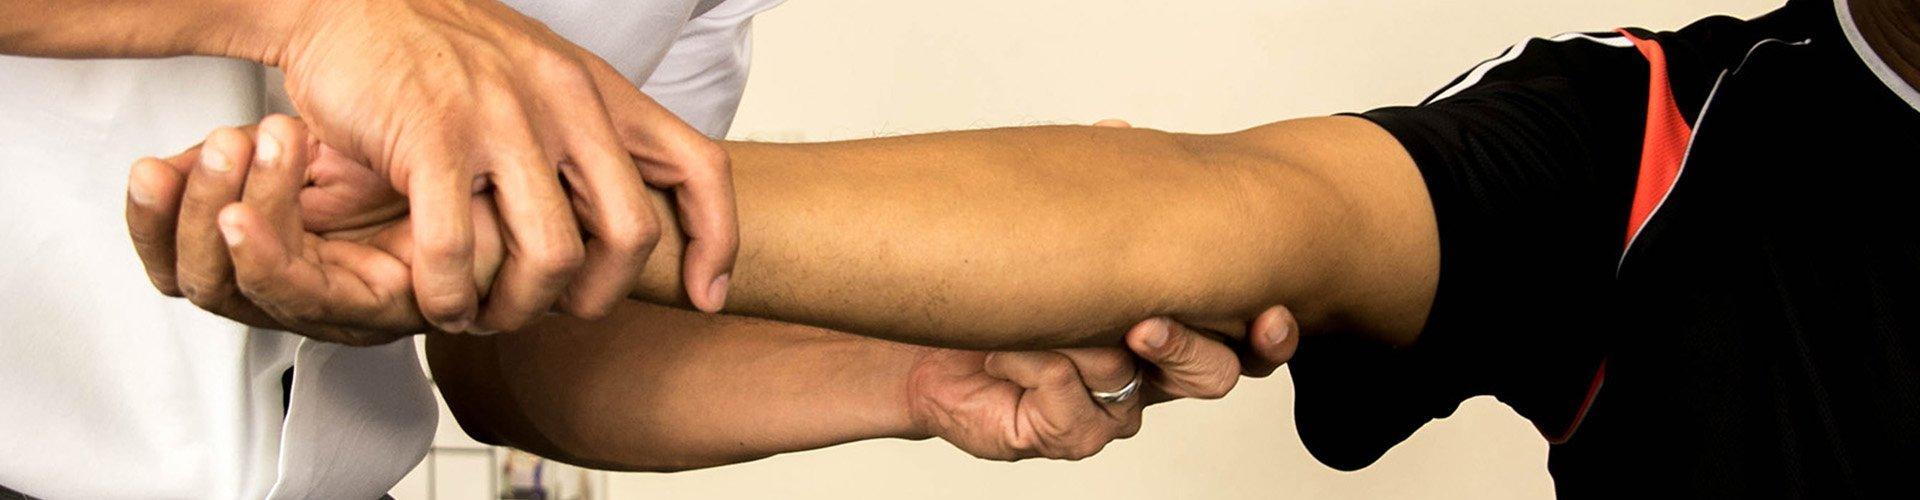 shoulder pain treatment options